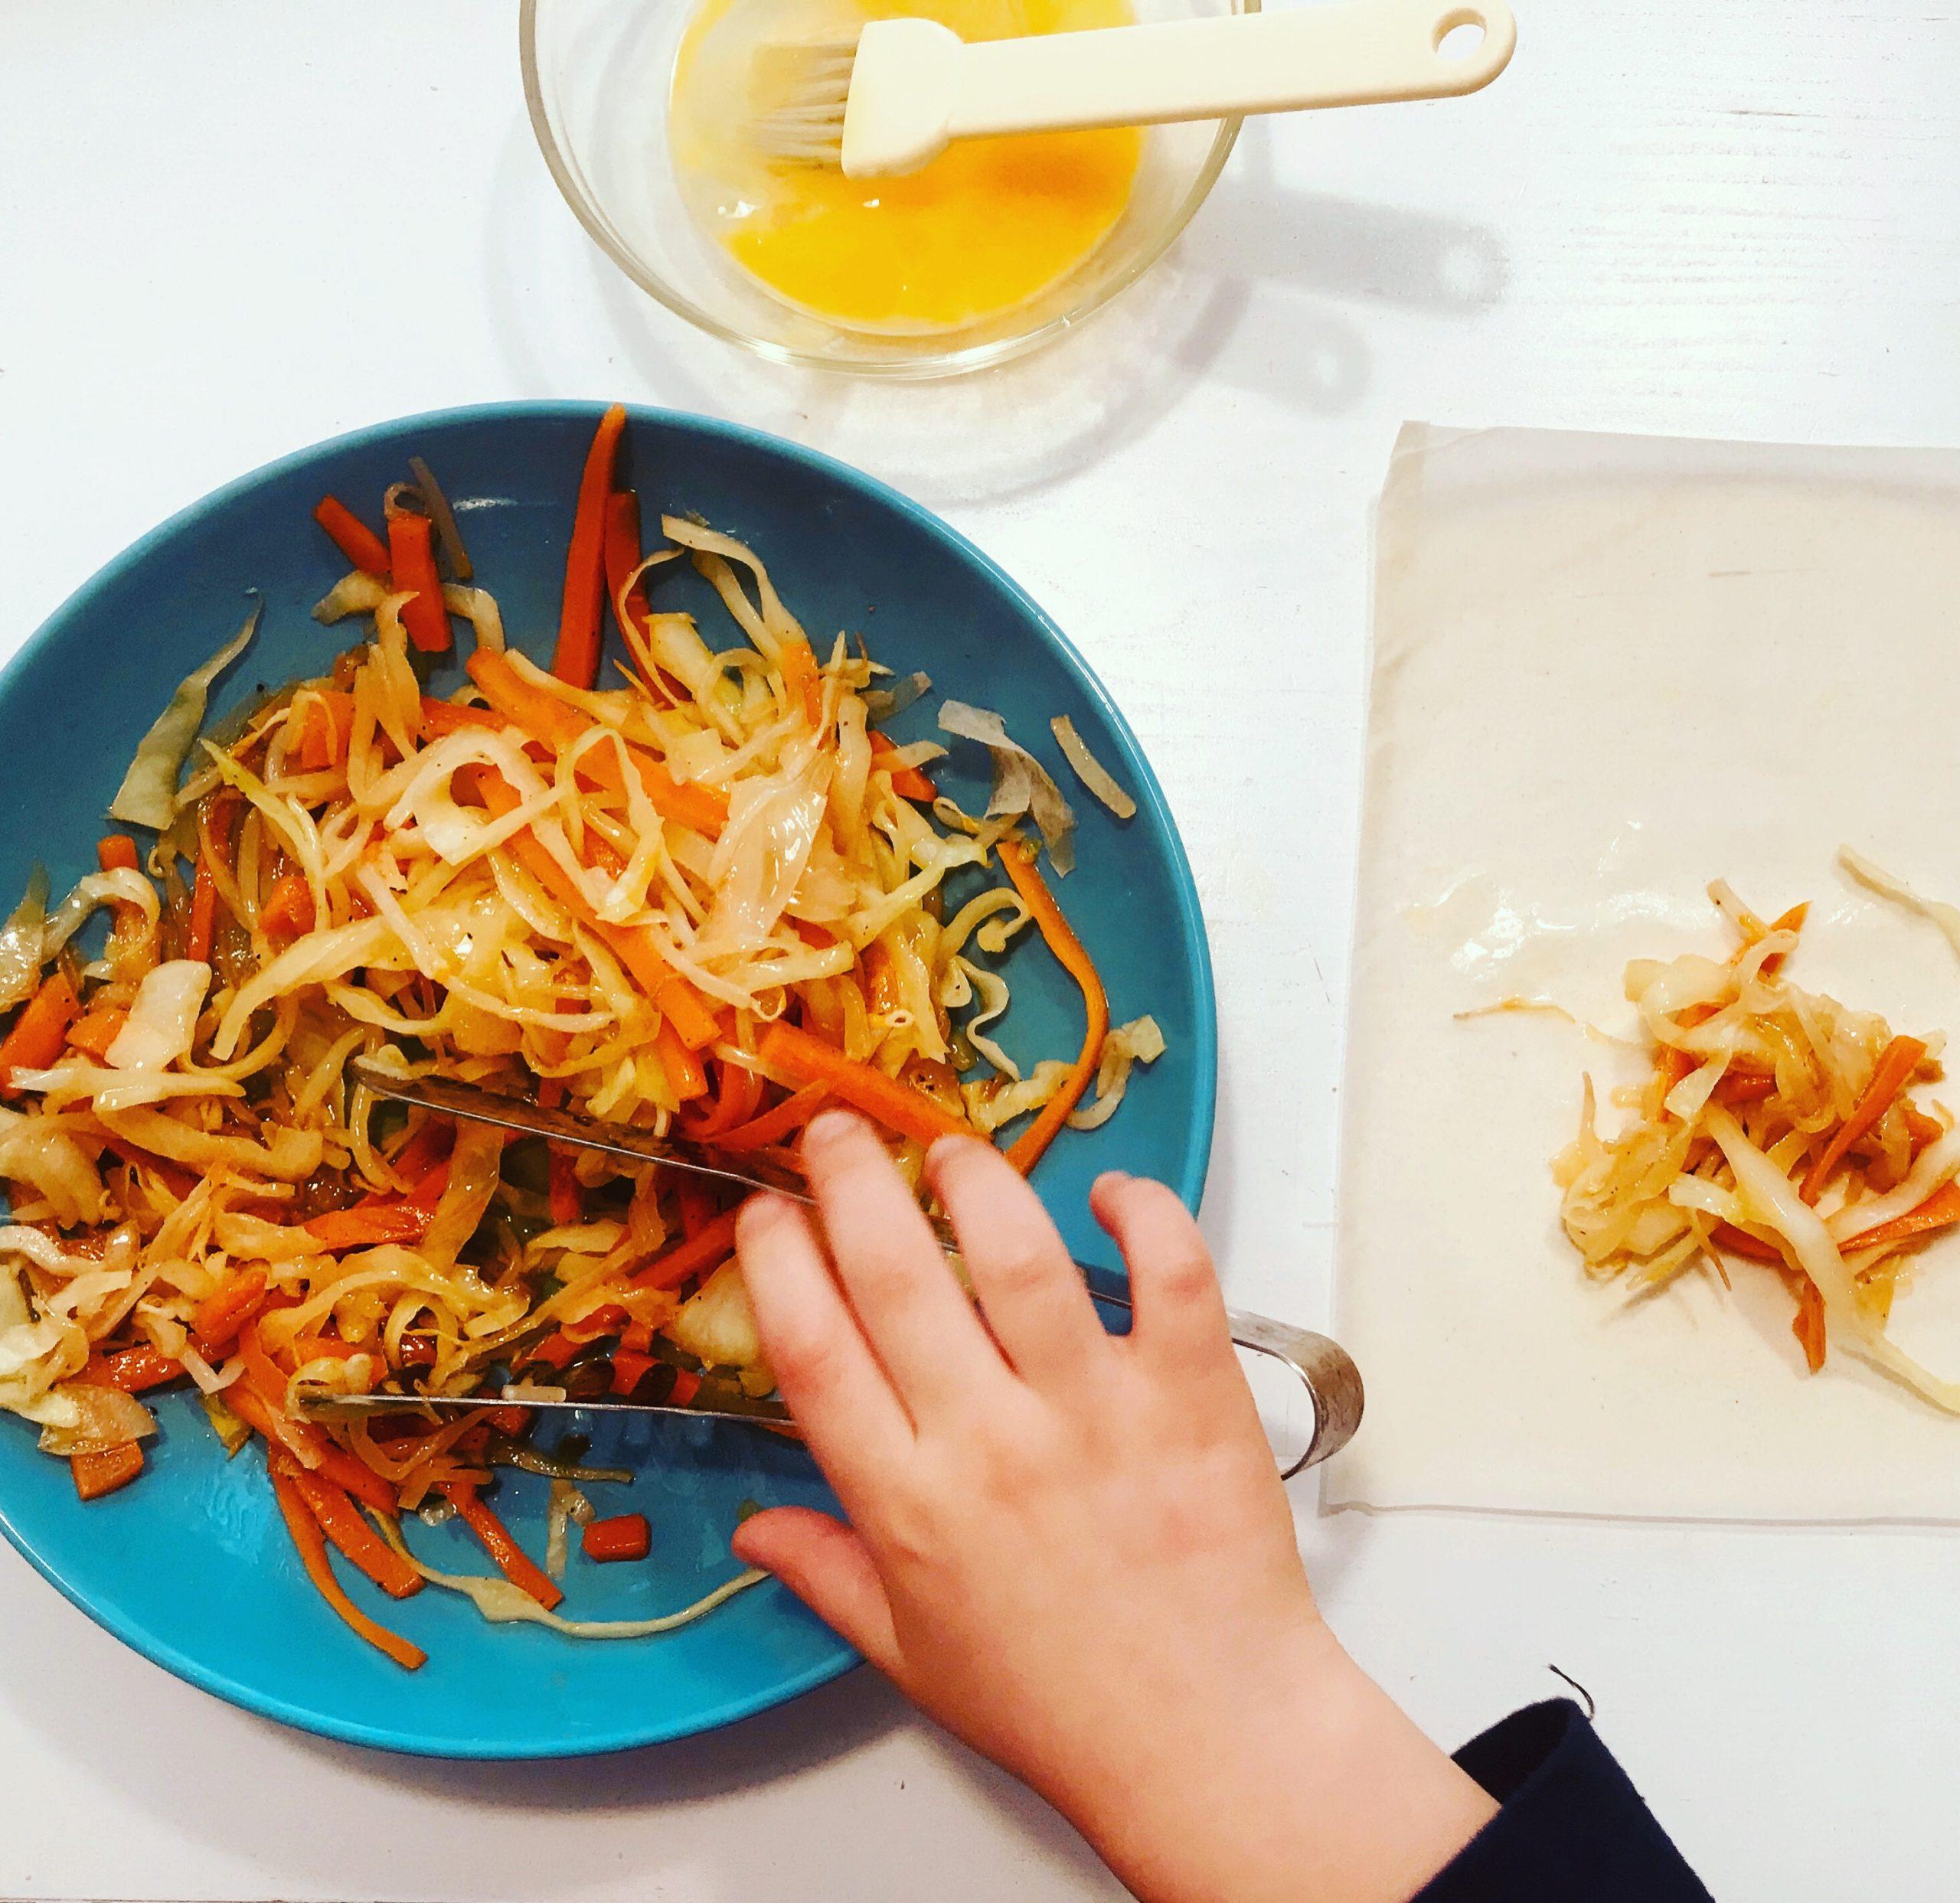 In cucina con i miei figli: prepariamo gli involtini Primavera (con verdure)